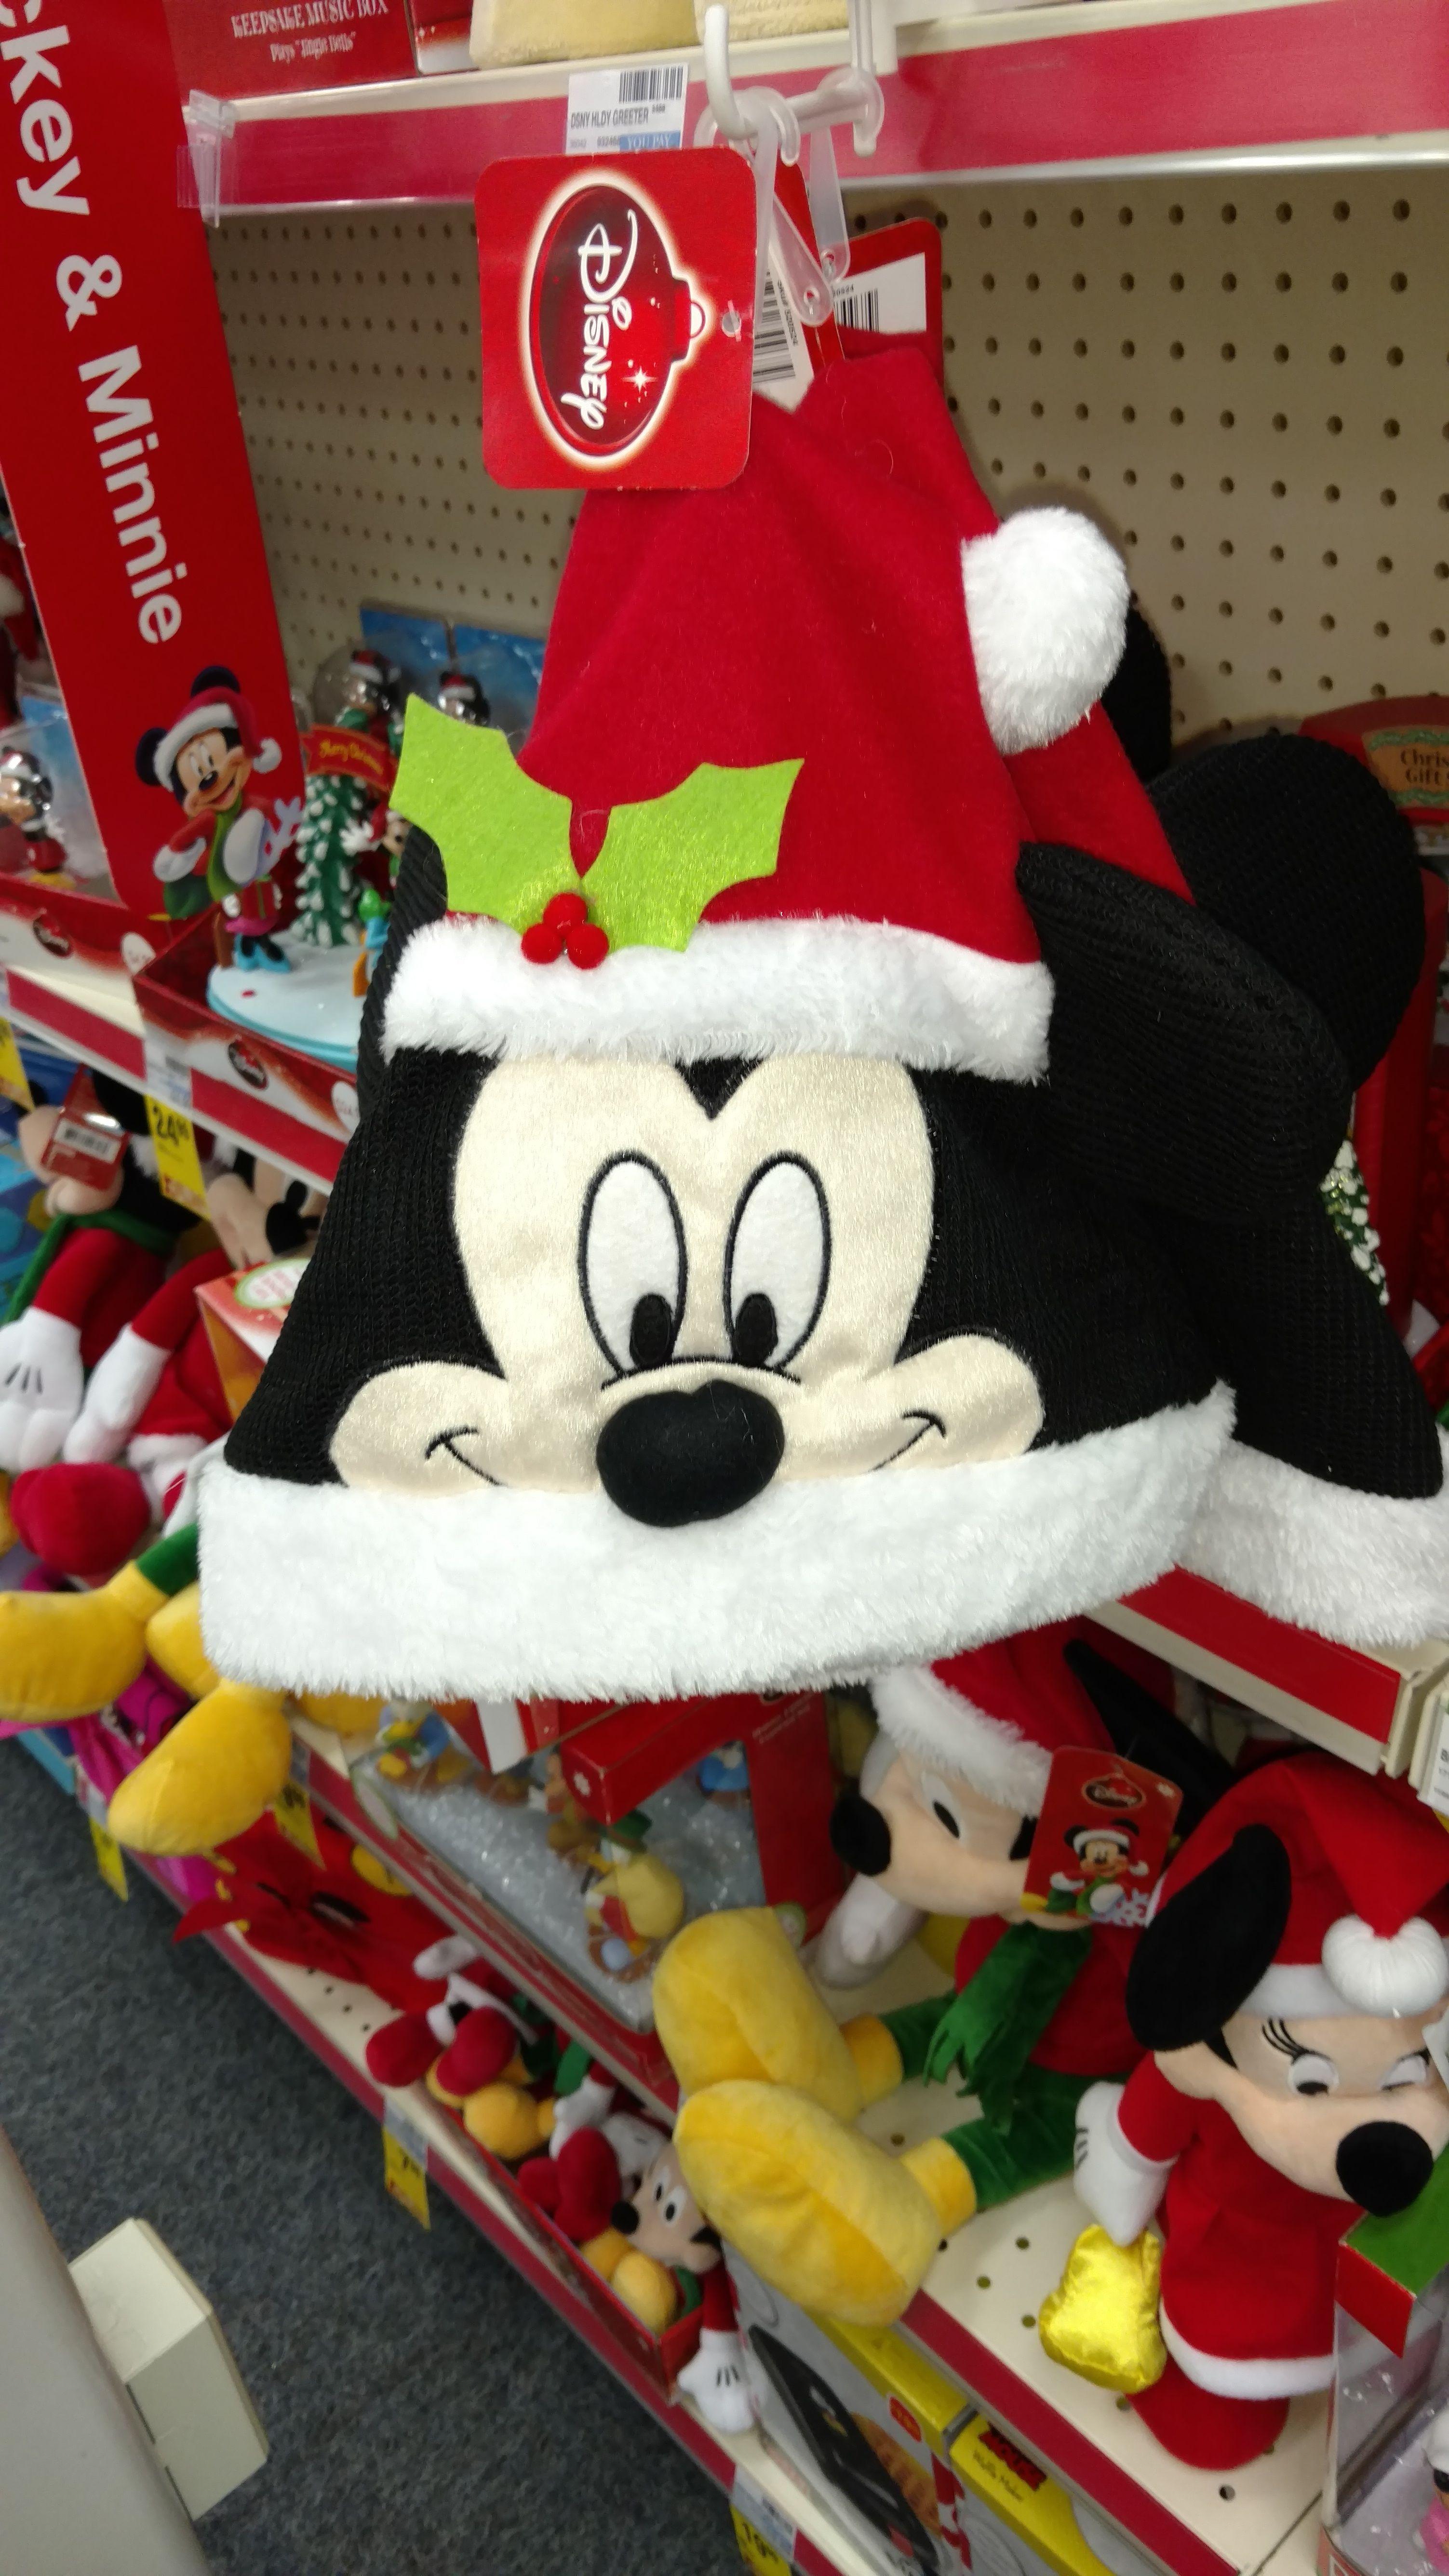 DisneyShopping11